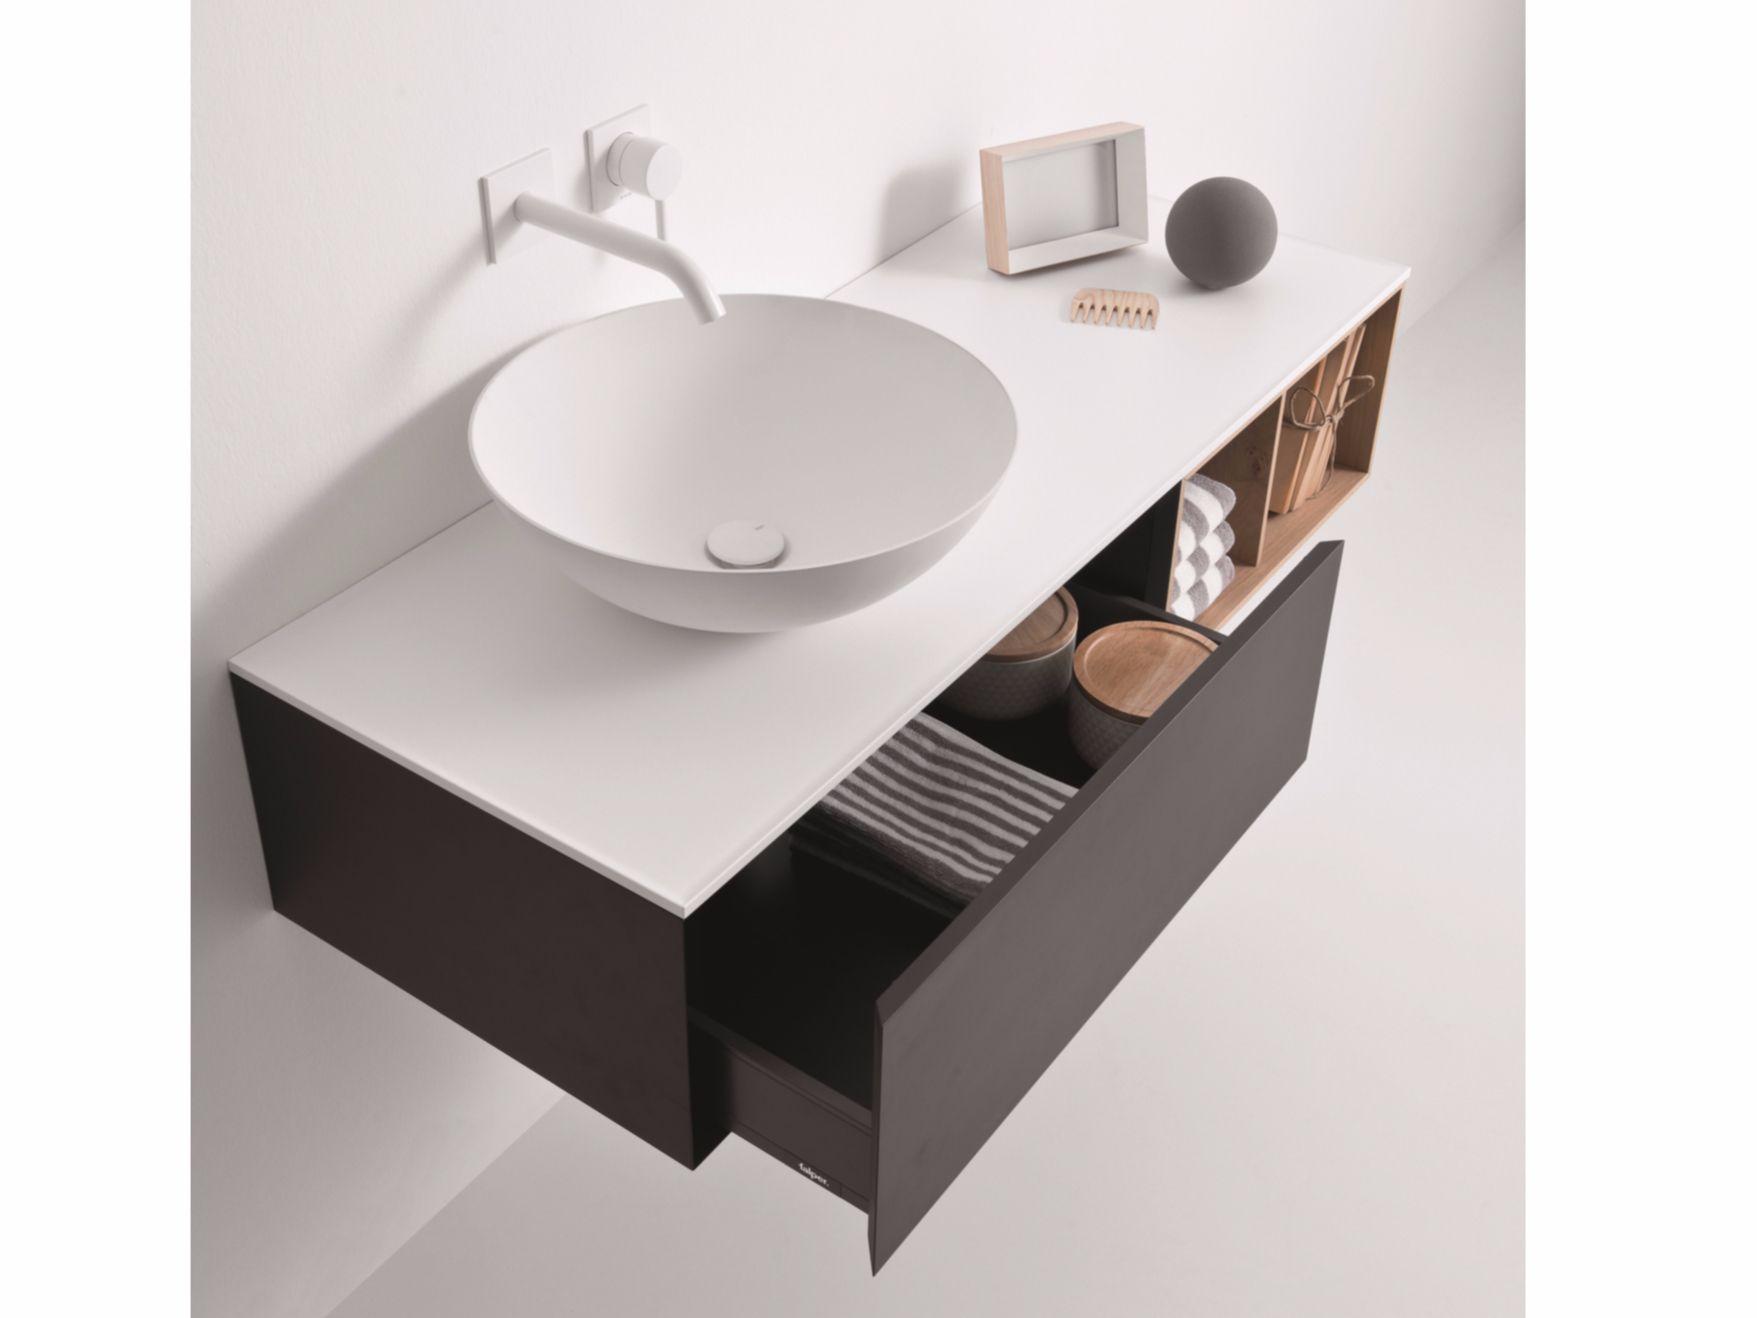 Schubladen Badezimmer ~ Lackierter hängender waschtischunterschrank mit schubladen quattro